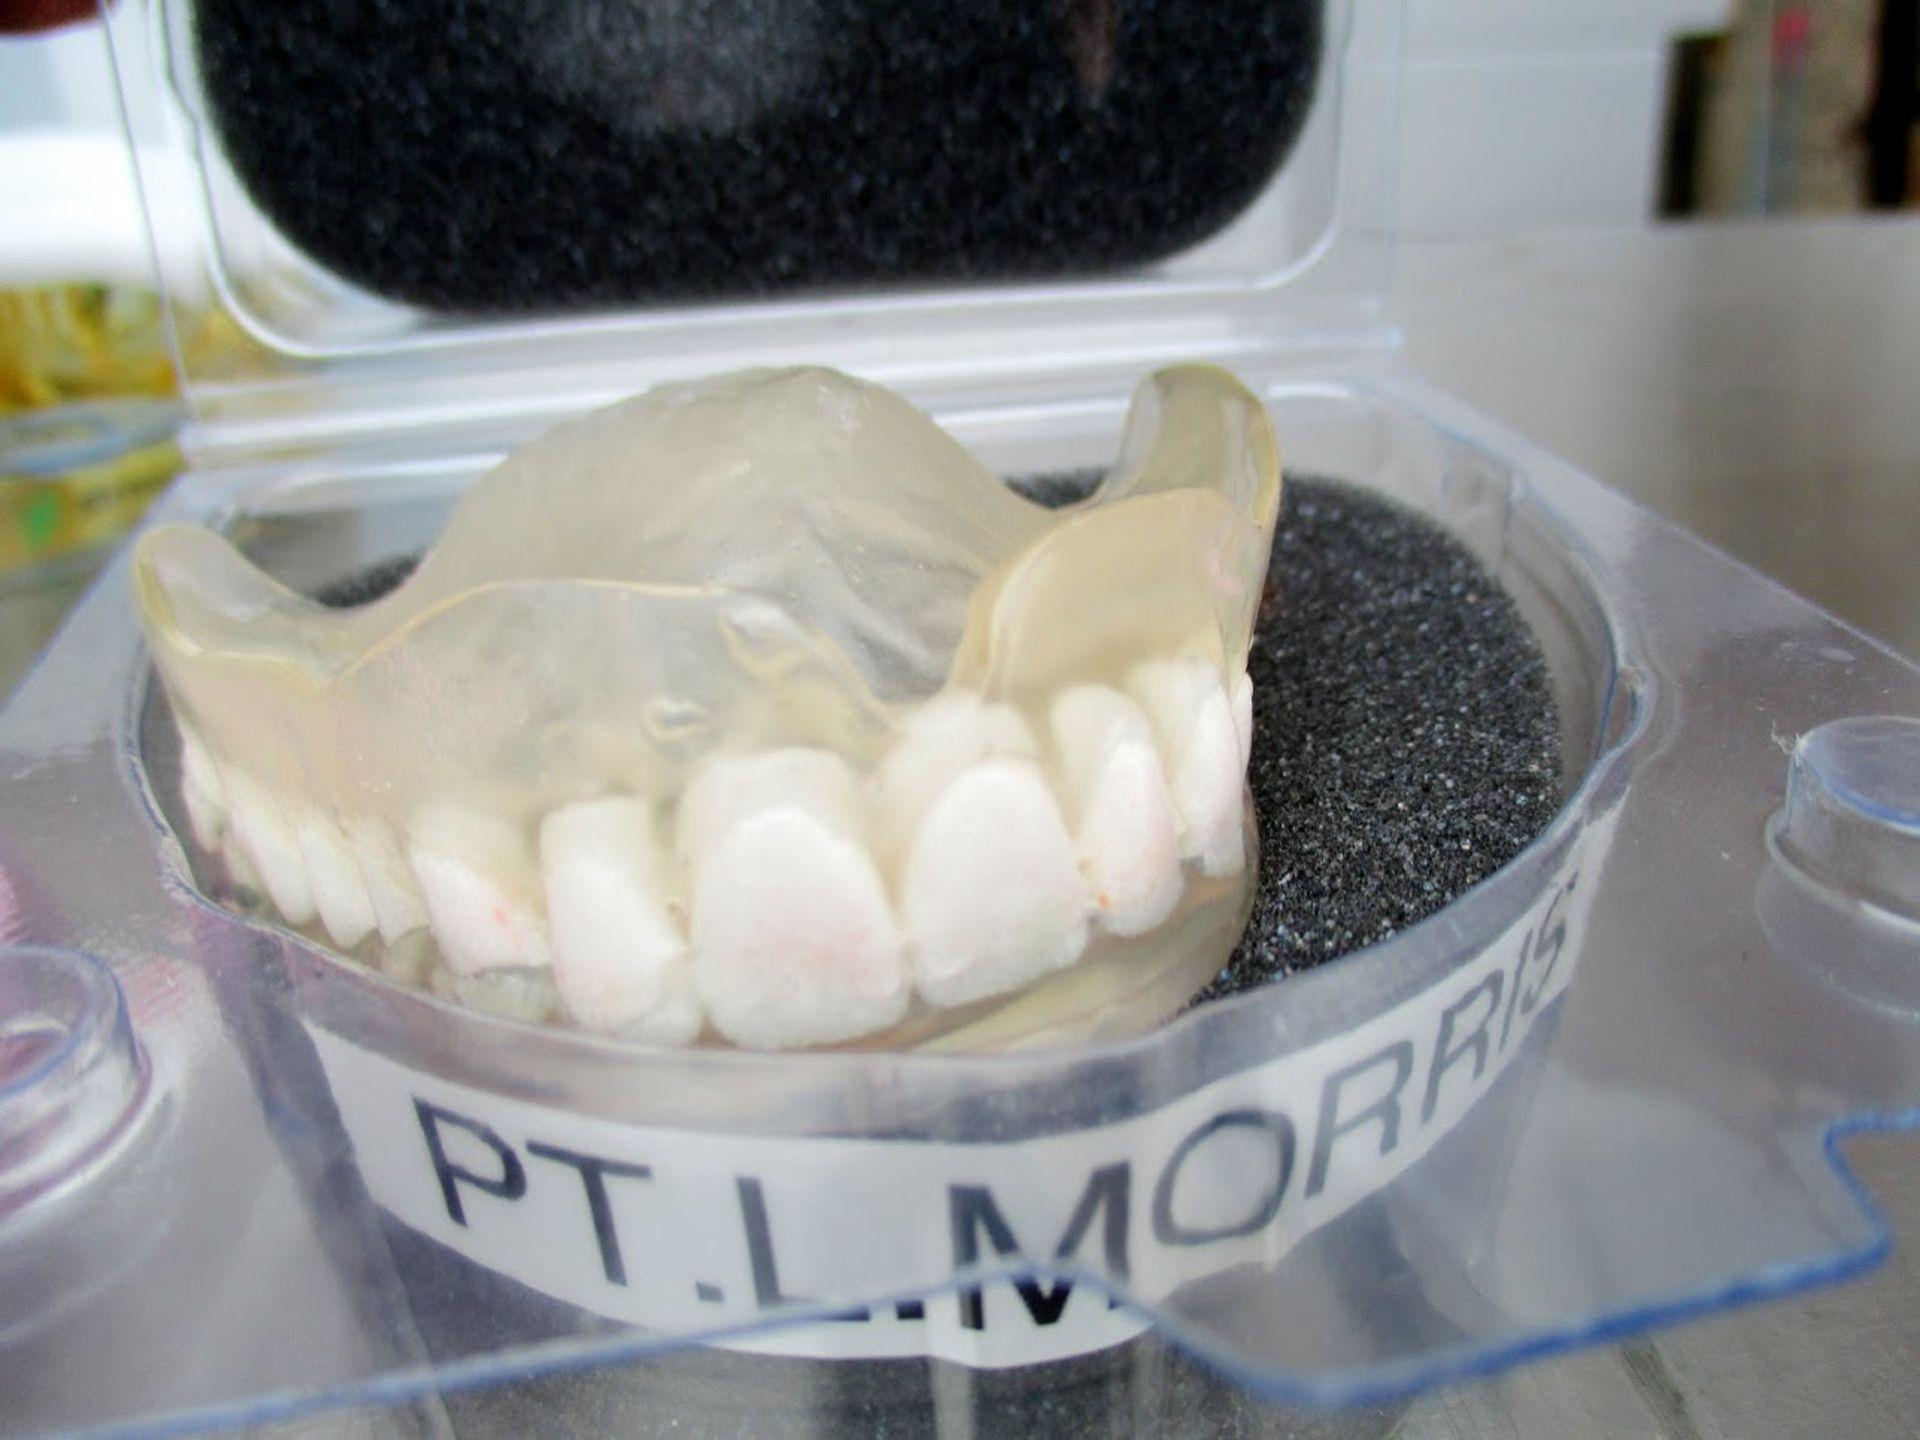 Dental Models/Molds - Image 3 of 5